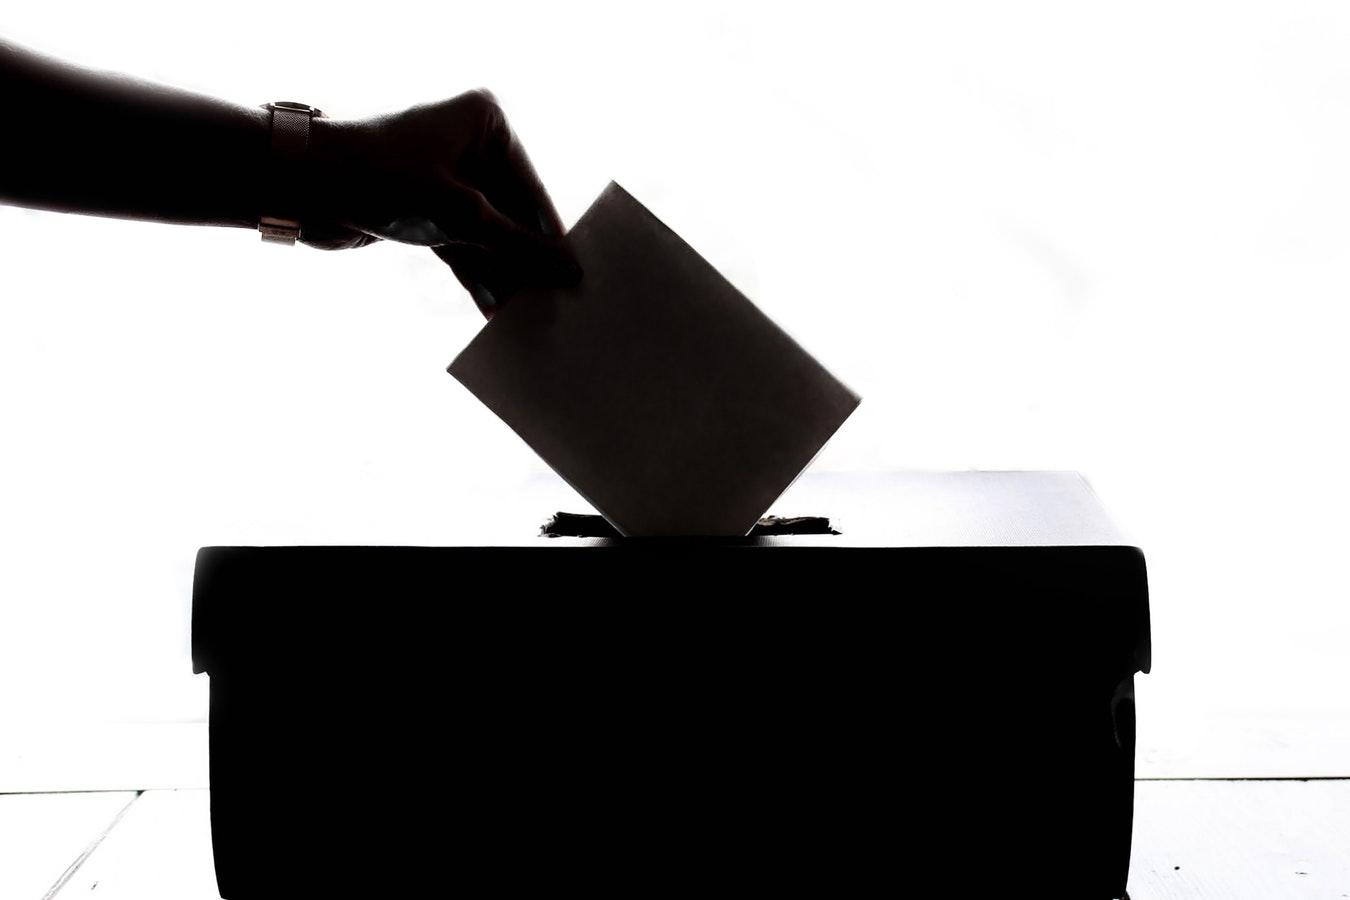 Γερμανία: Στον πυρετό των Ευρωεκλογών